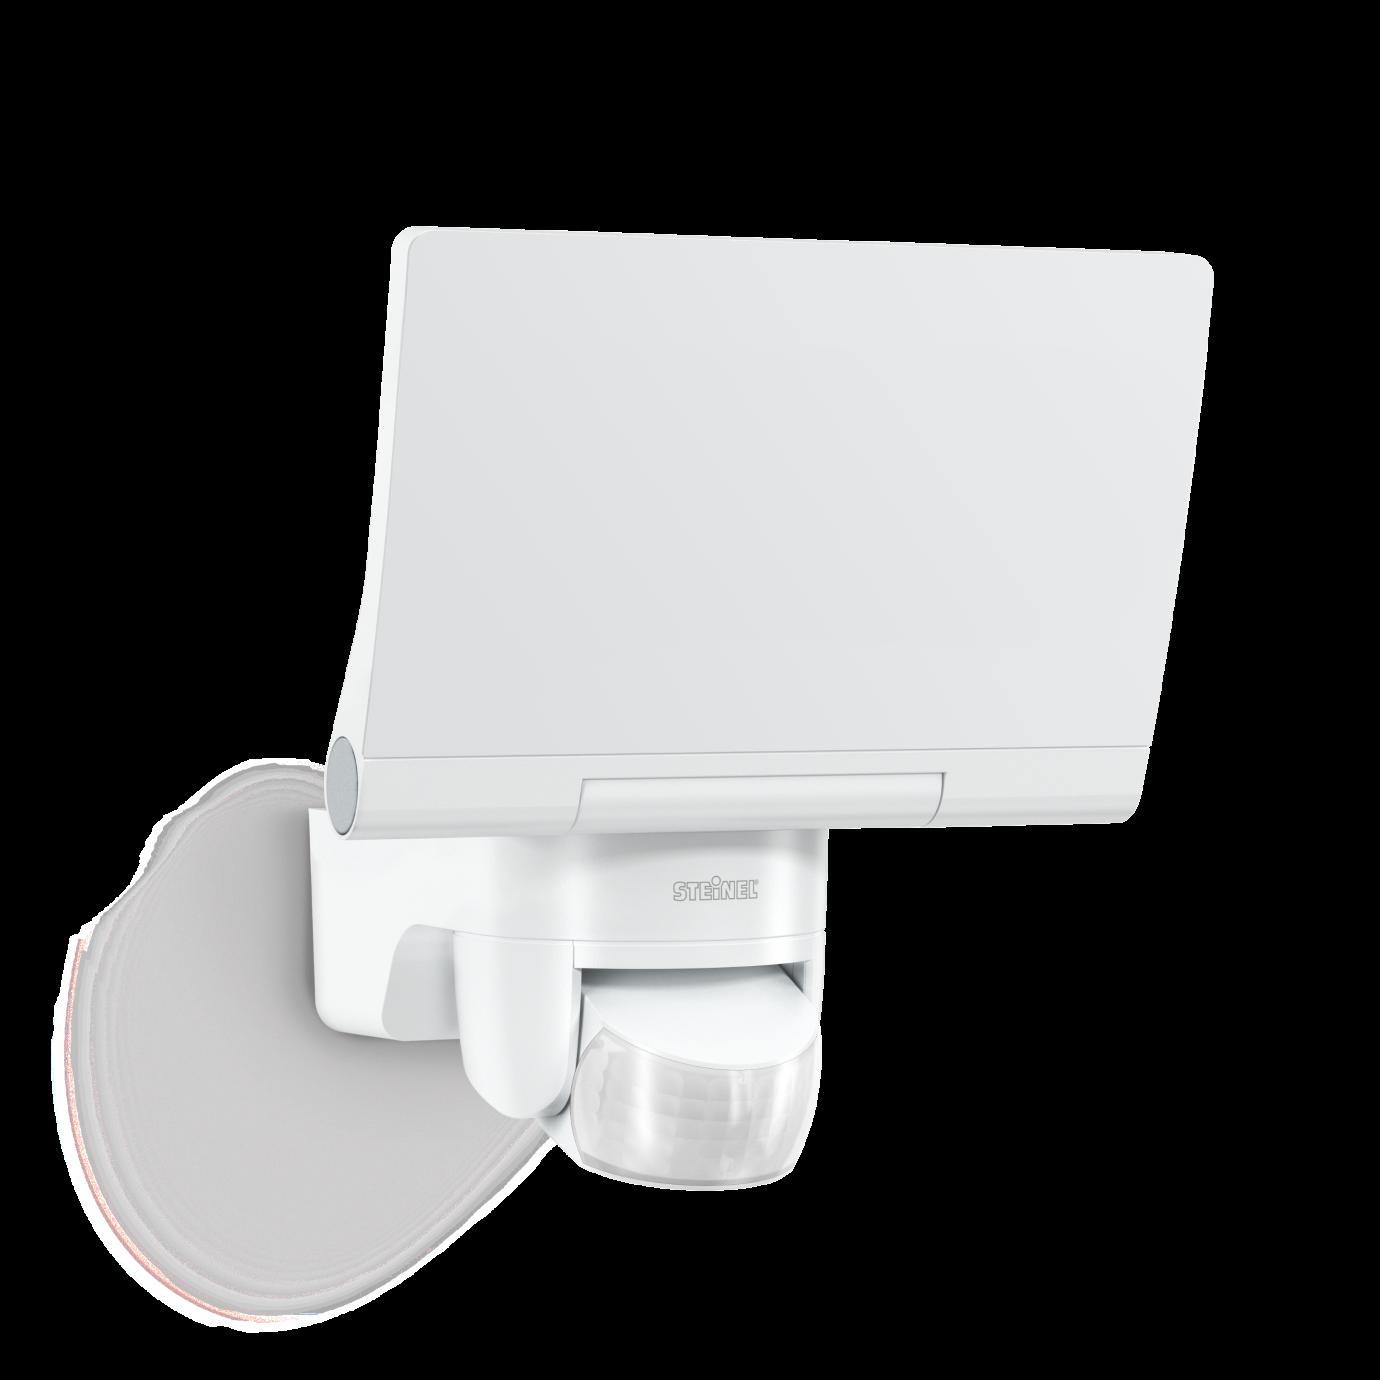 Z-Wave NEO Electronics Wall Switch